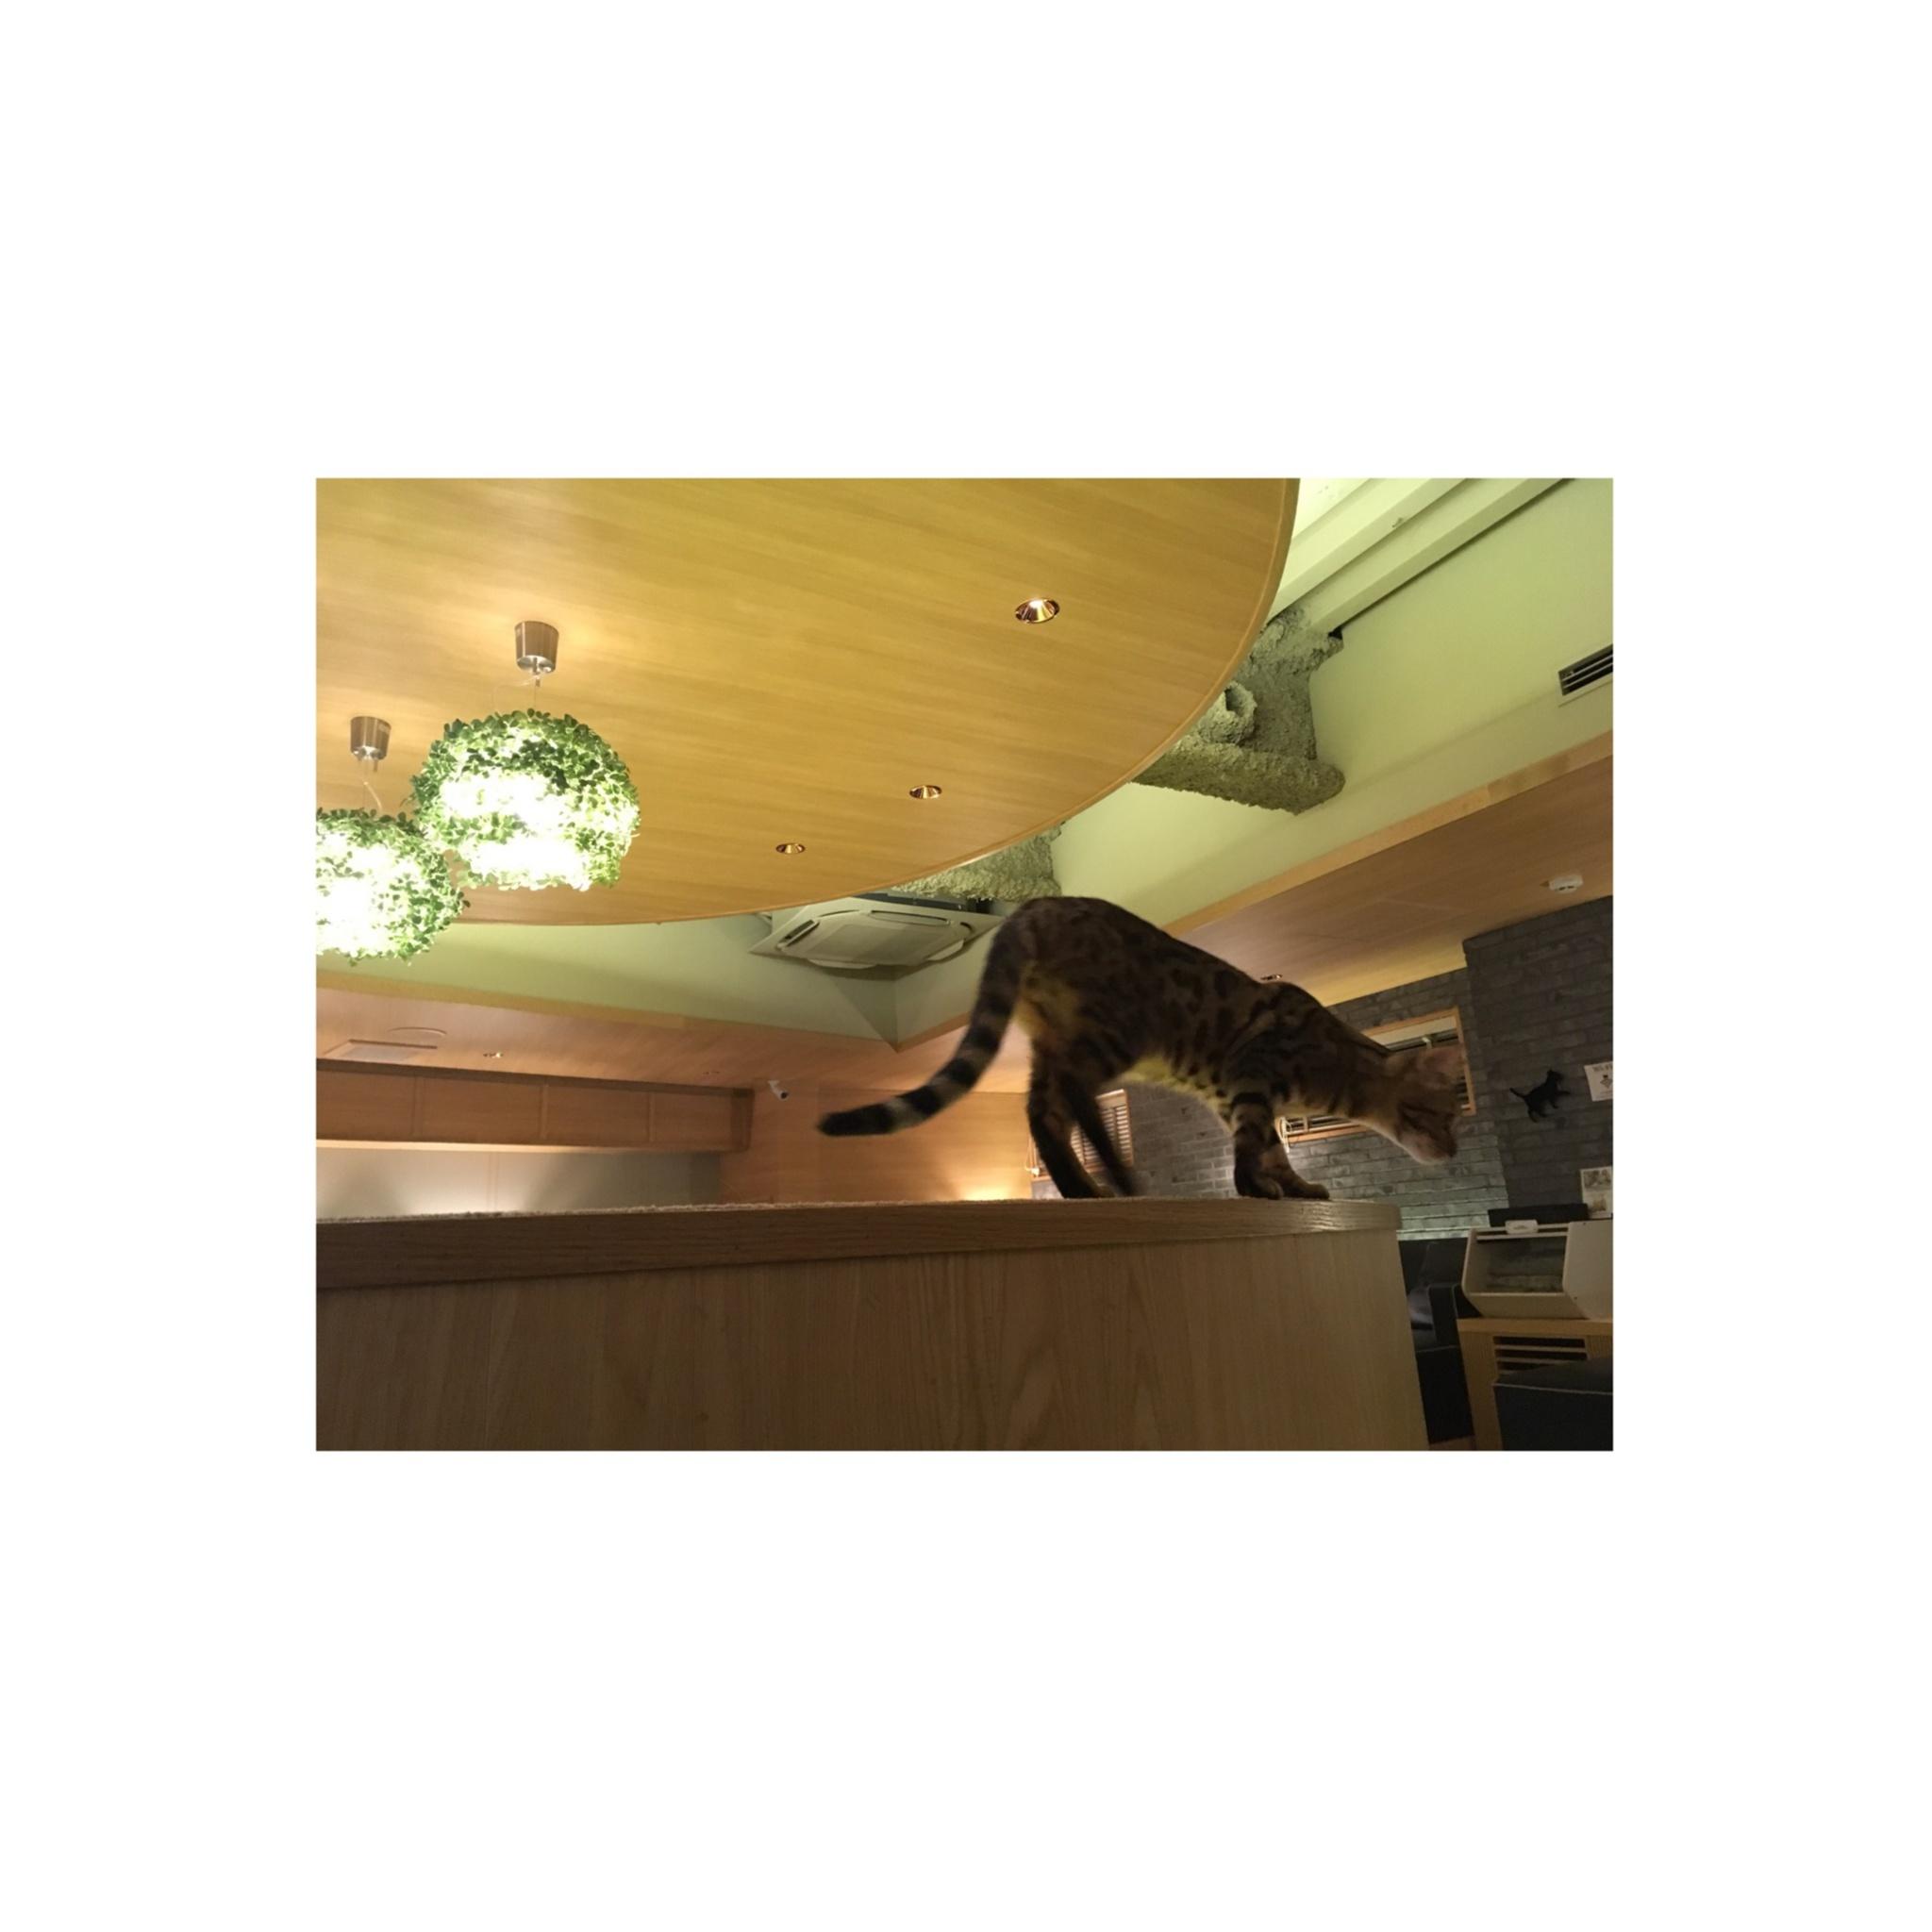 【GWはここで決まり!】日本最大級の猫カフェが新宿に⁈オシャレなラウンジカフェで可愛い猫たちに癒される!_1